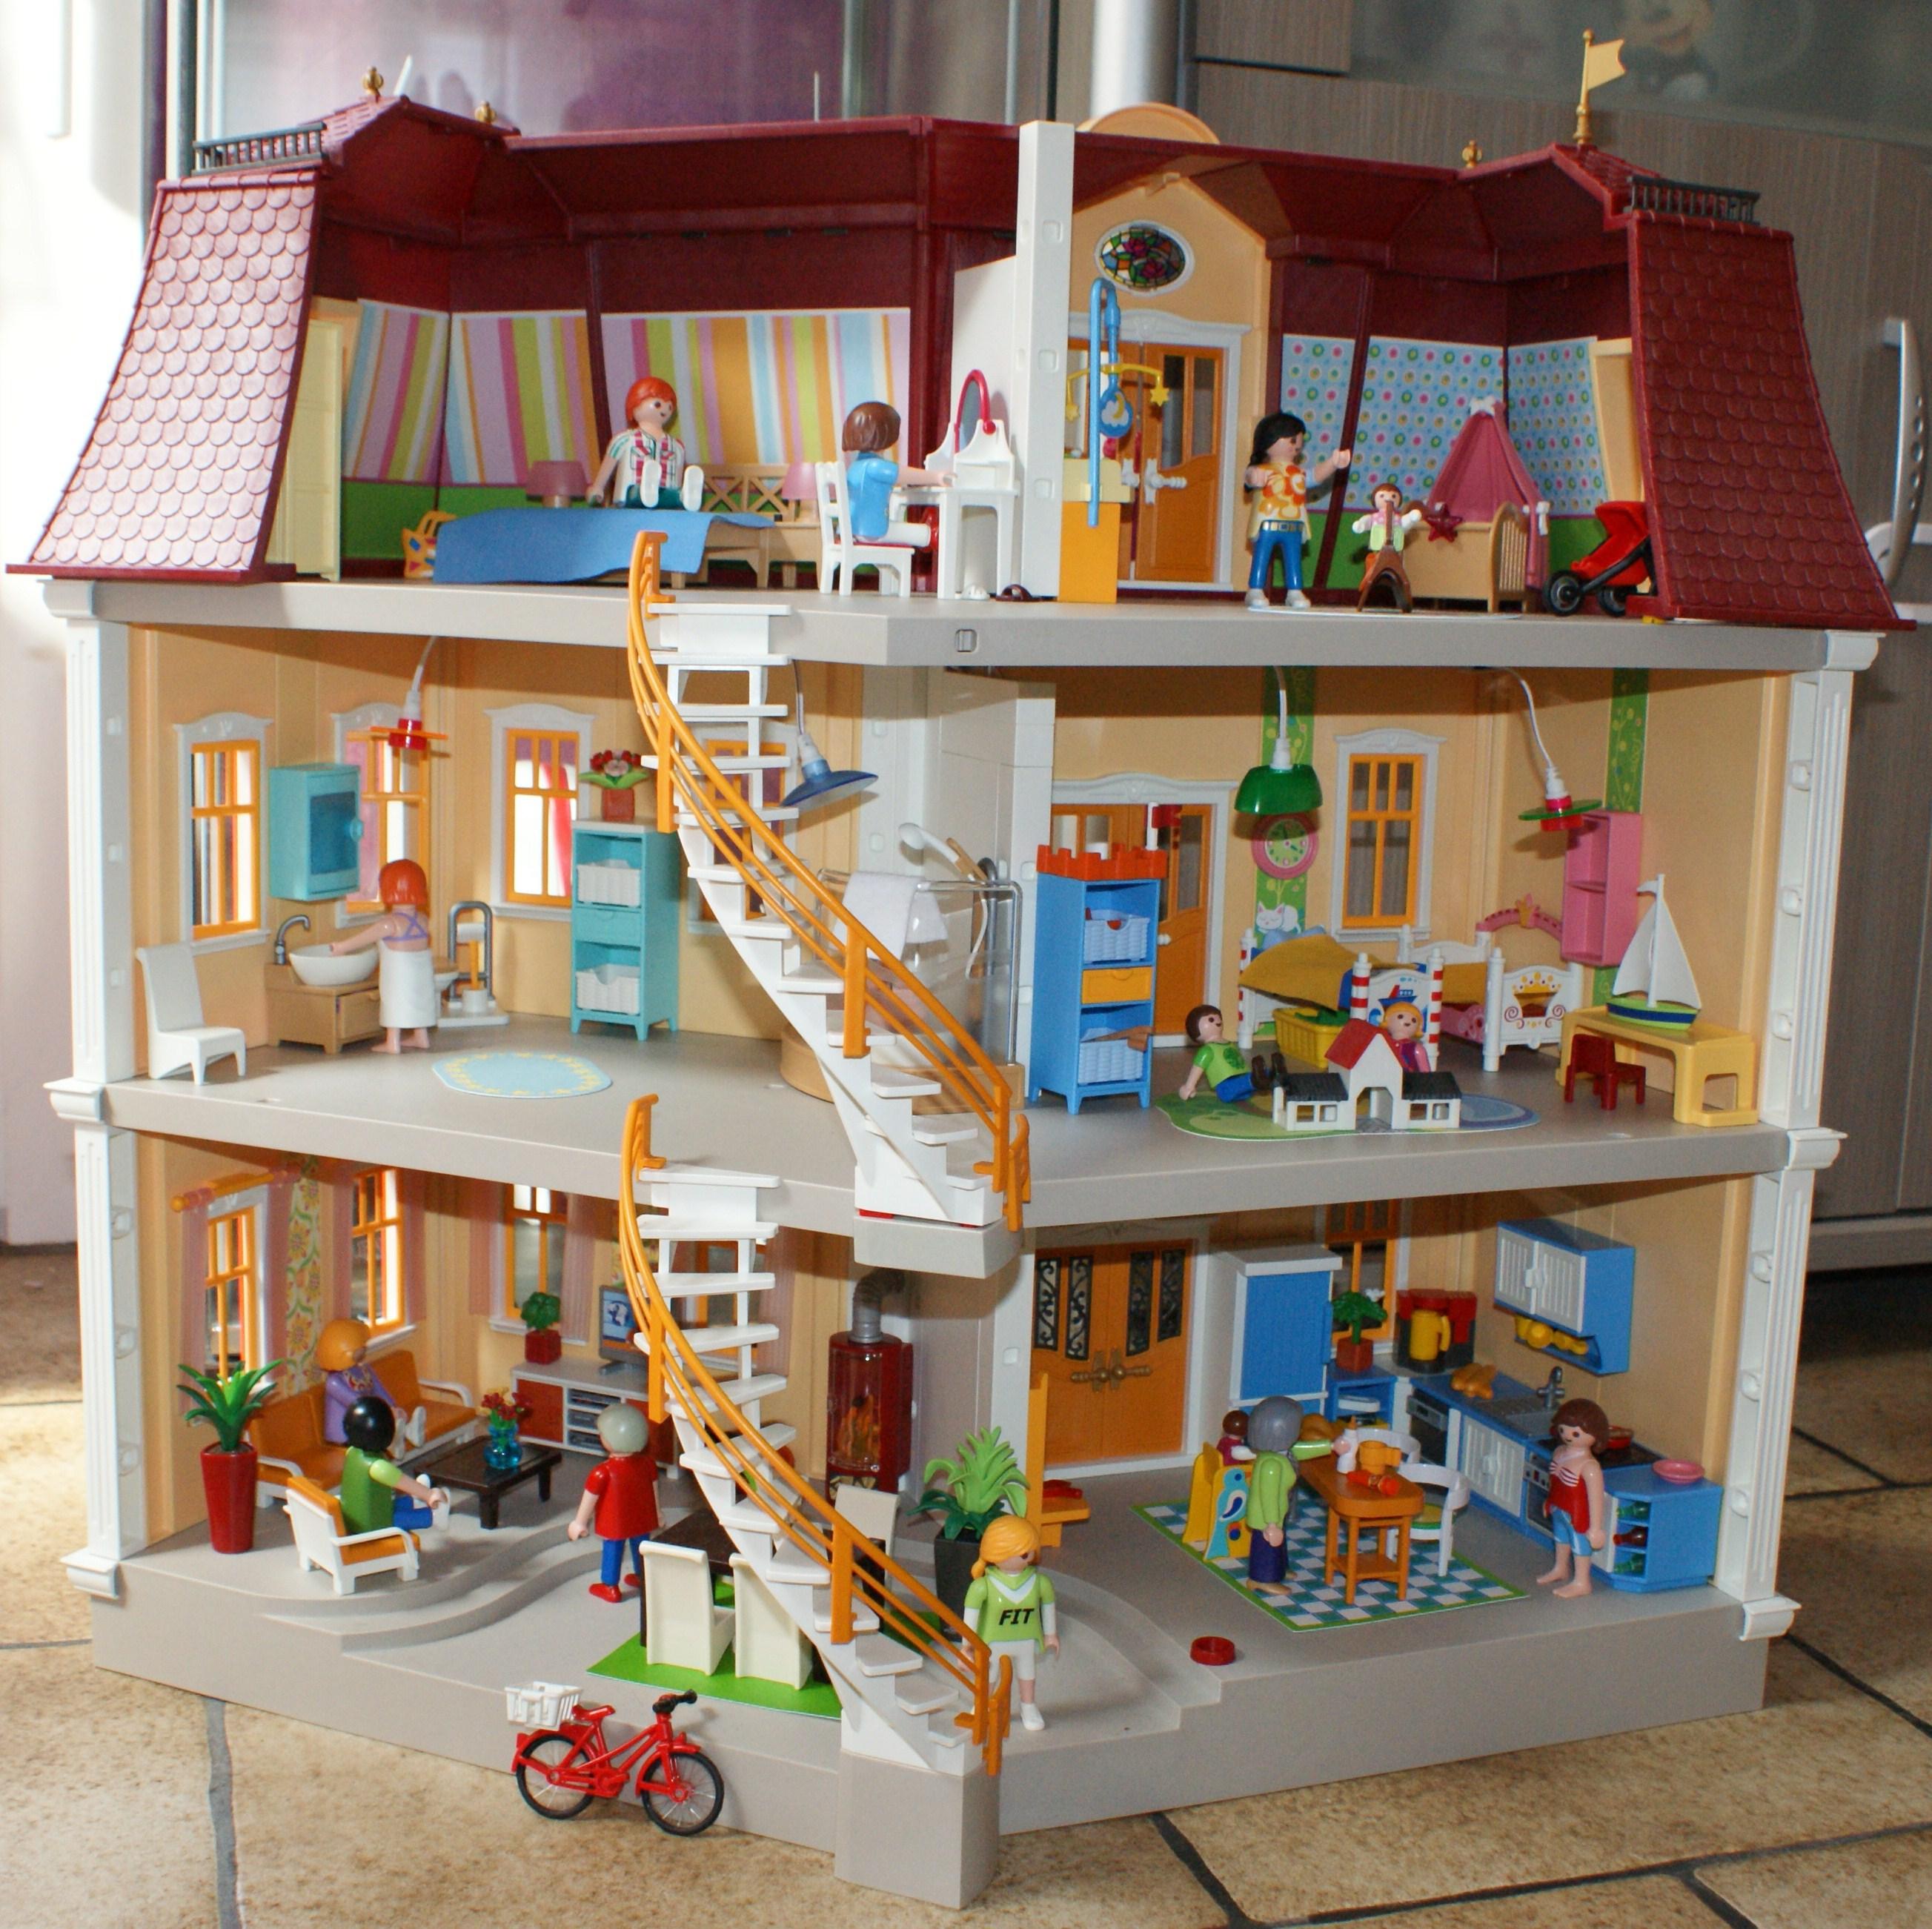 Maison playmobil pas cher le bon coin - Maison les moins cher ...